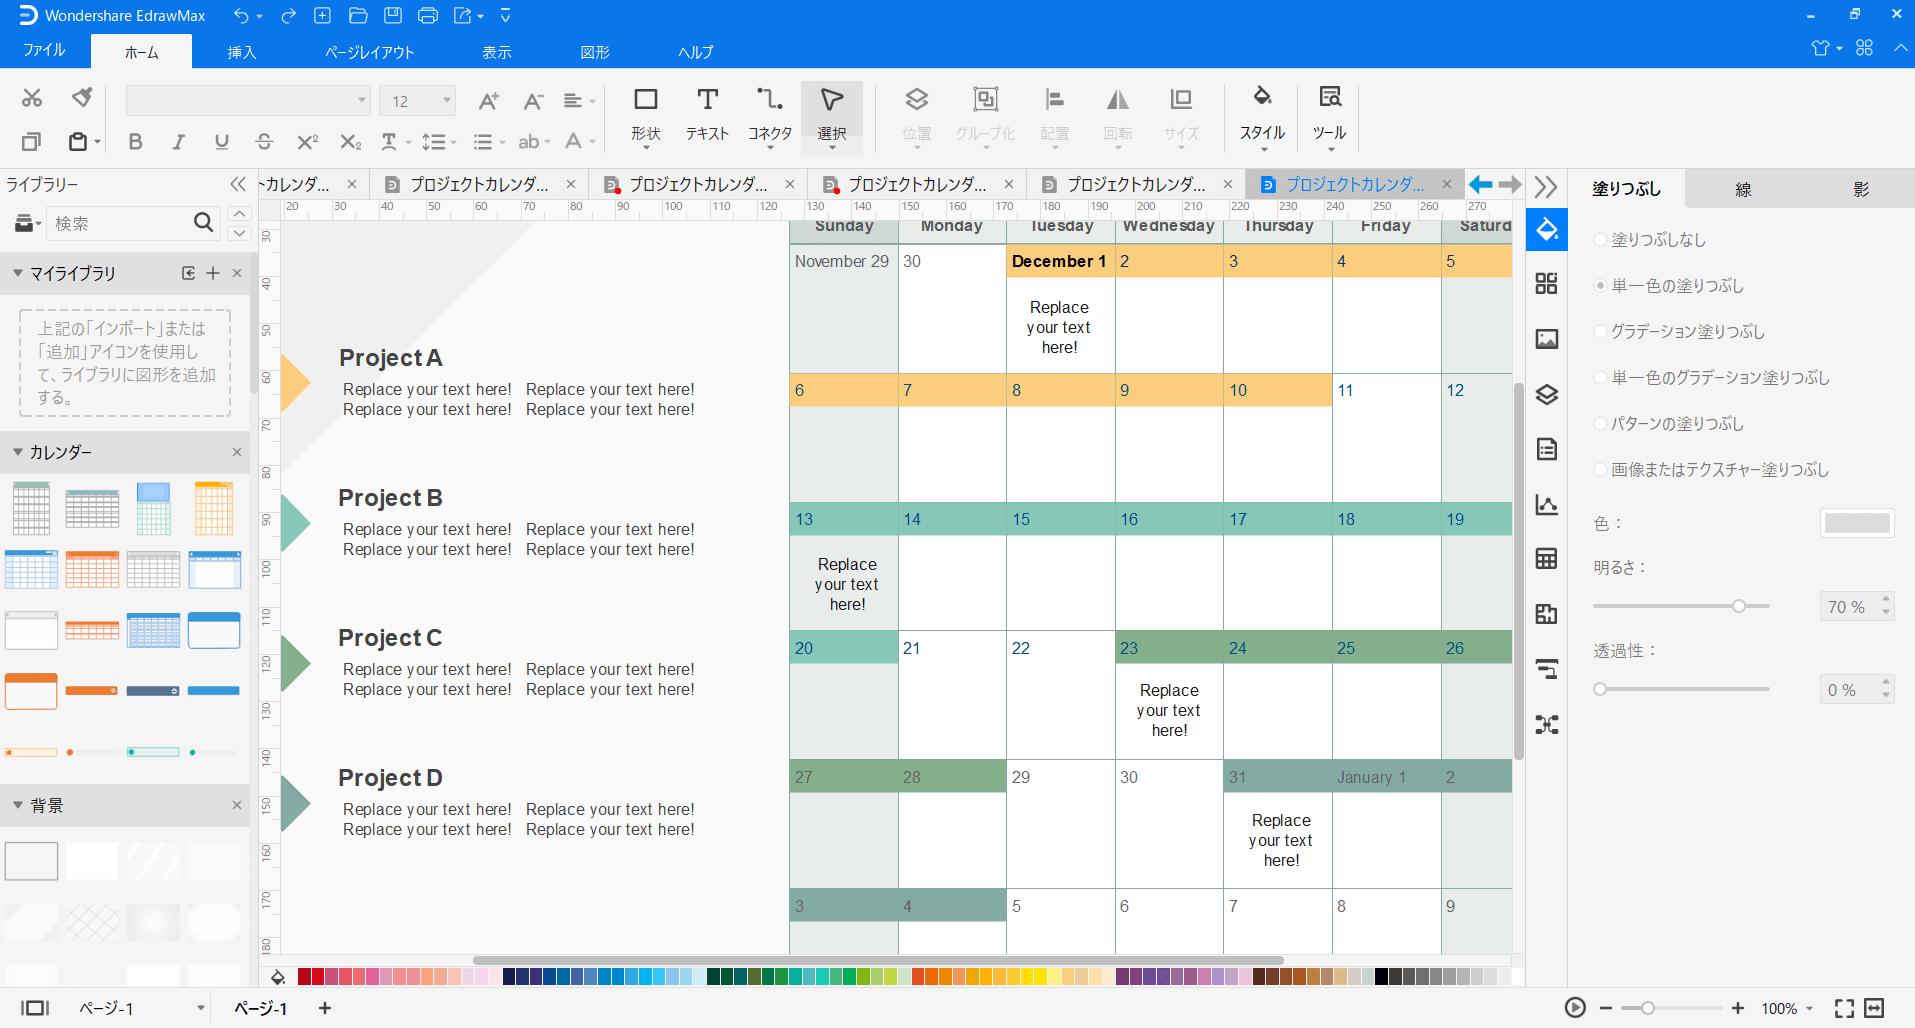 ③プロジェクトカレンダー